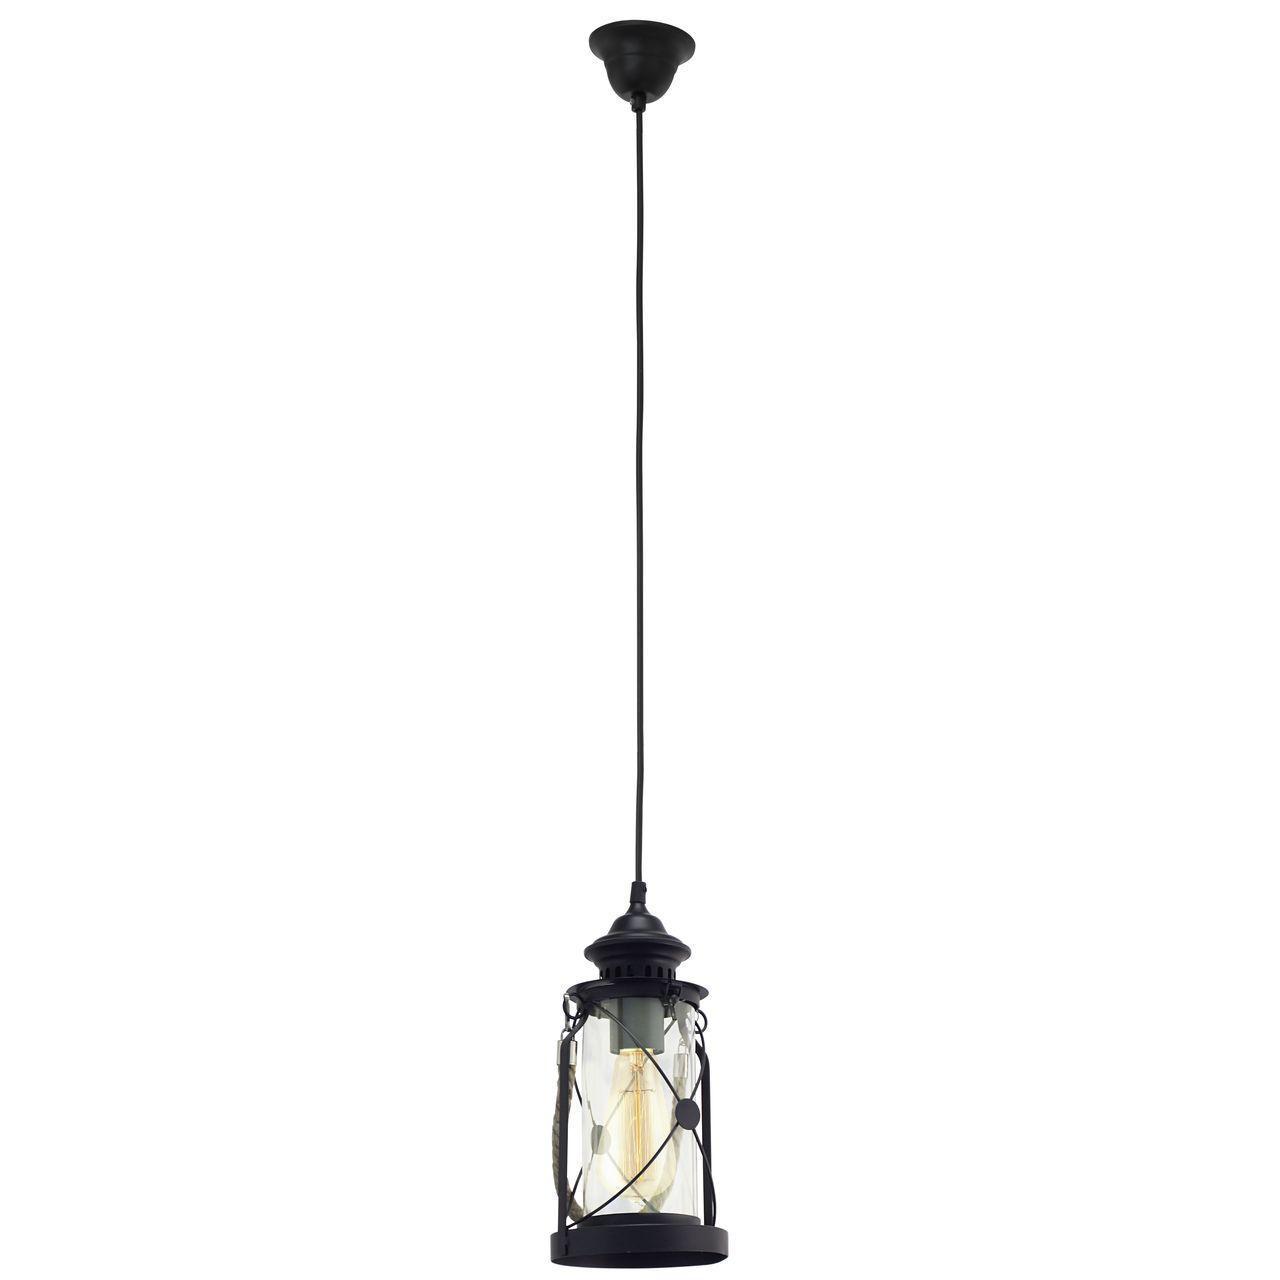 Подвесной светильник Eglo Vintage 49213 eglo подвесной светильник eglo vintage 49258